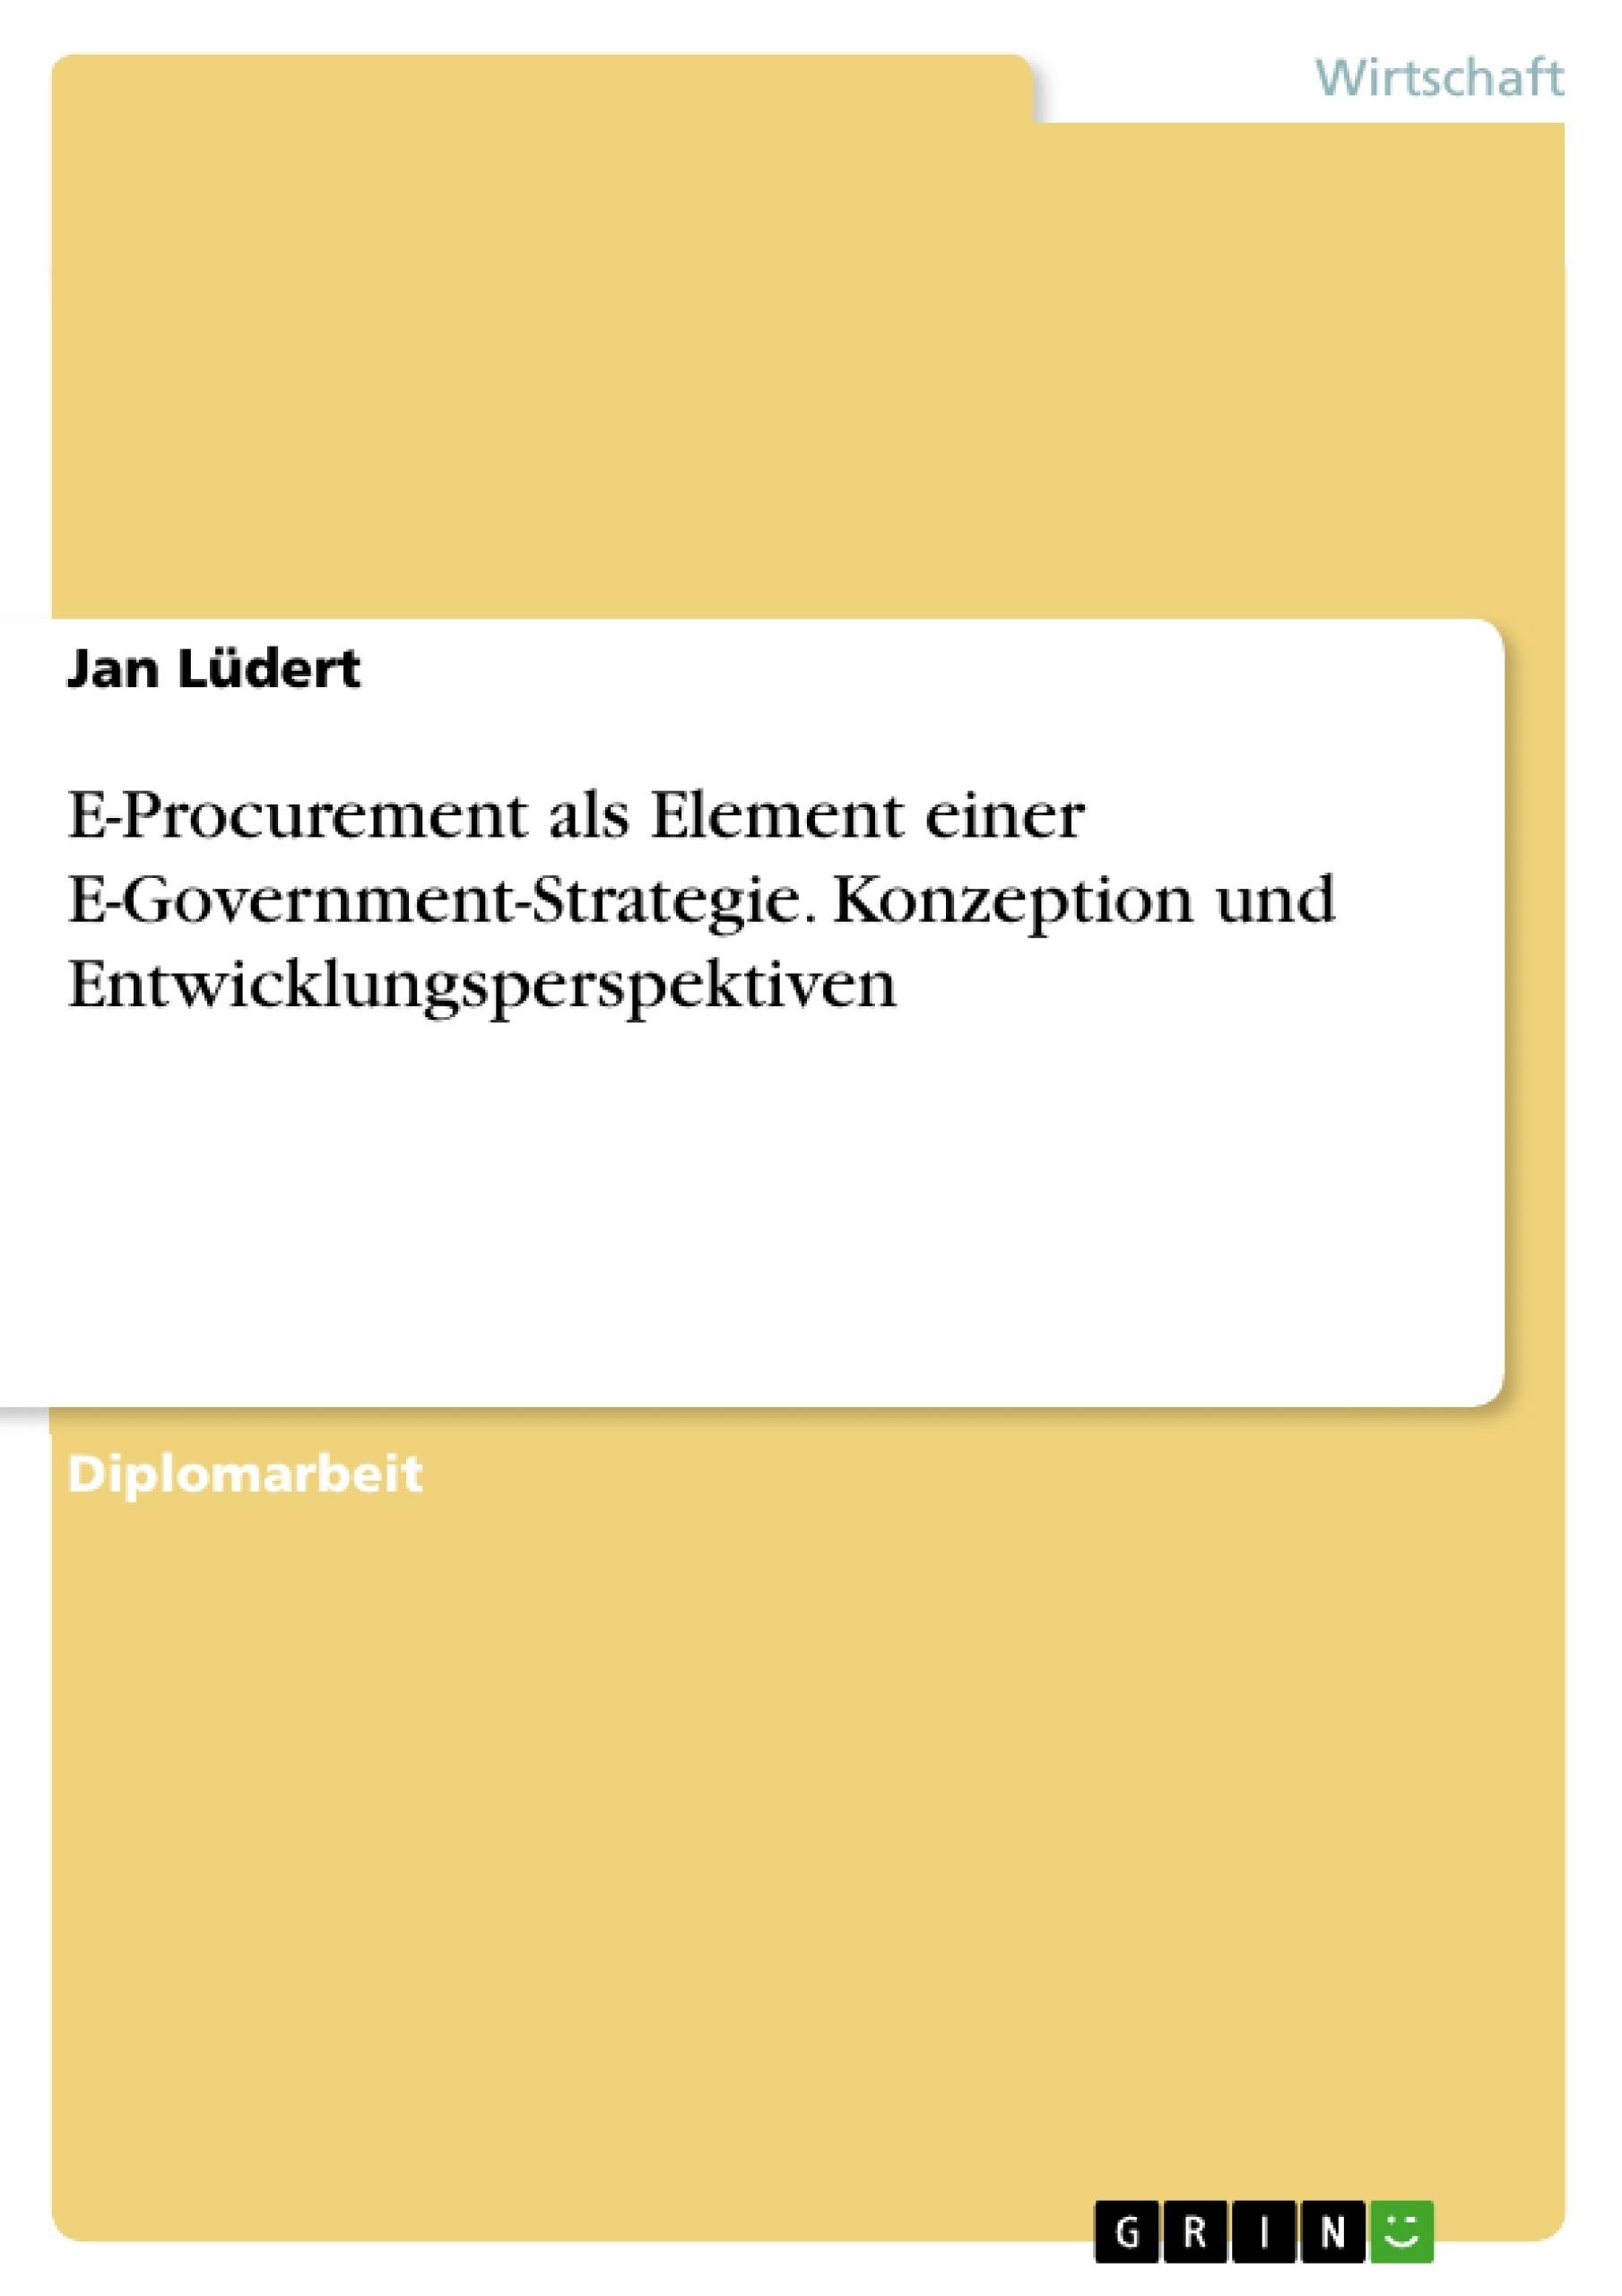 Titel: E-Procurement als Element einer E-Government-Strategie. Konzeption und Entwicklungsperspektiven